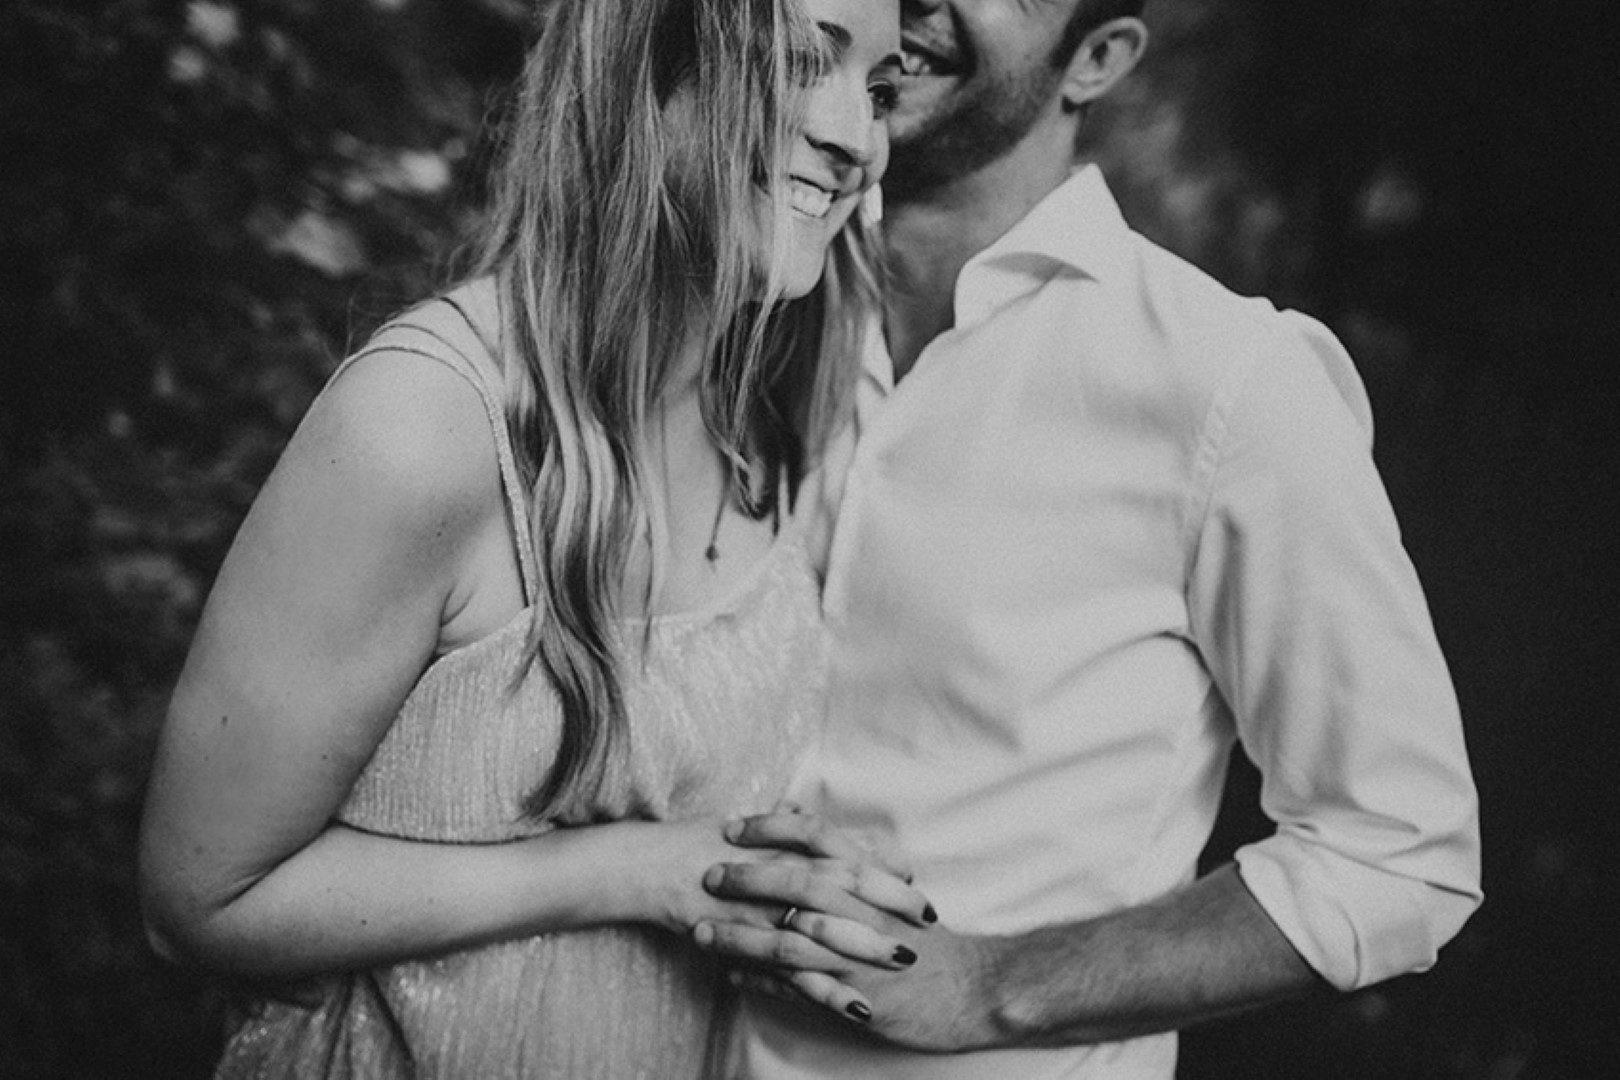 ,pinewood weddings,pinewood esküvő,pinewood fotók,Várai Enikő,Kádár Levente ,esküvői fotó,esküvői videó,cinematográfus,esküvőfotós,esküvőfotó,